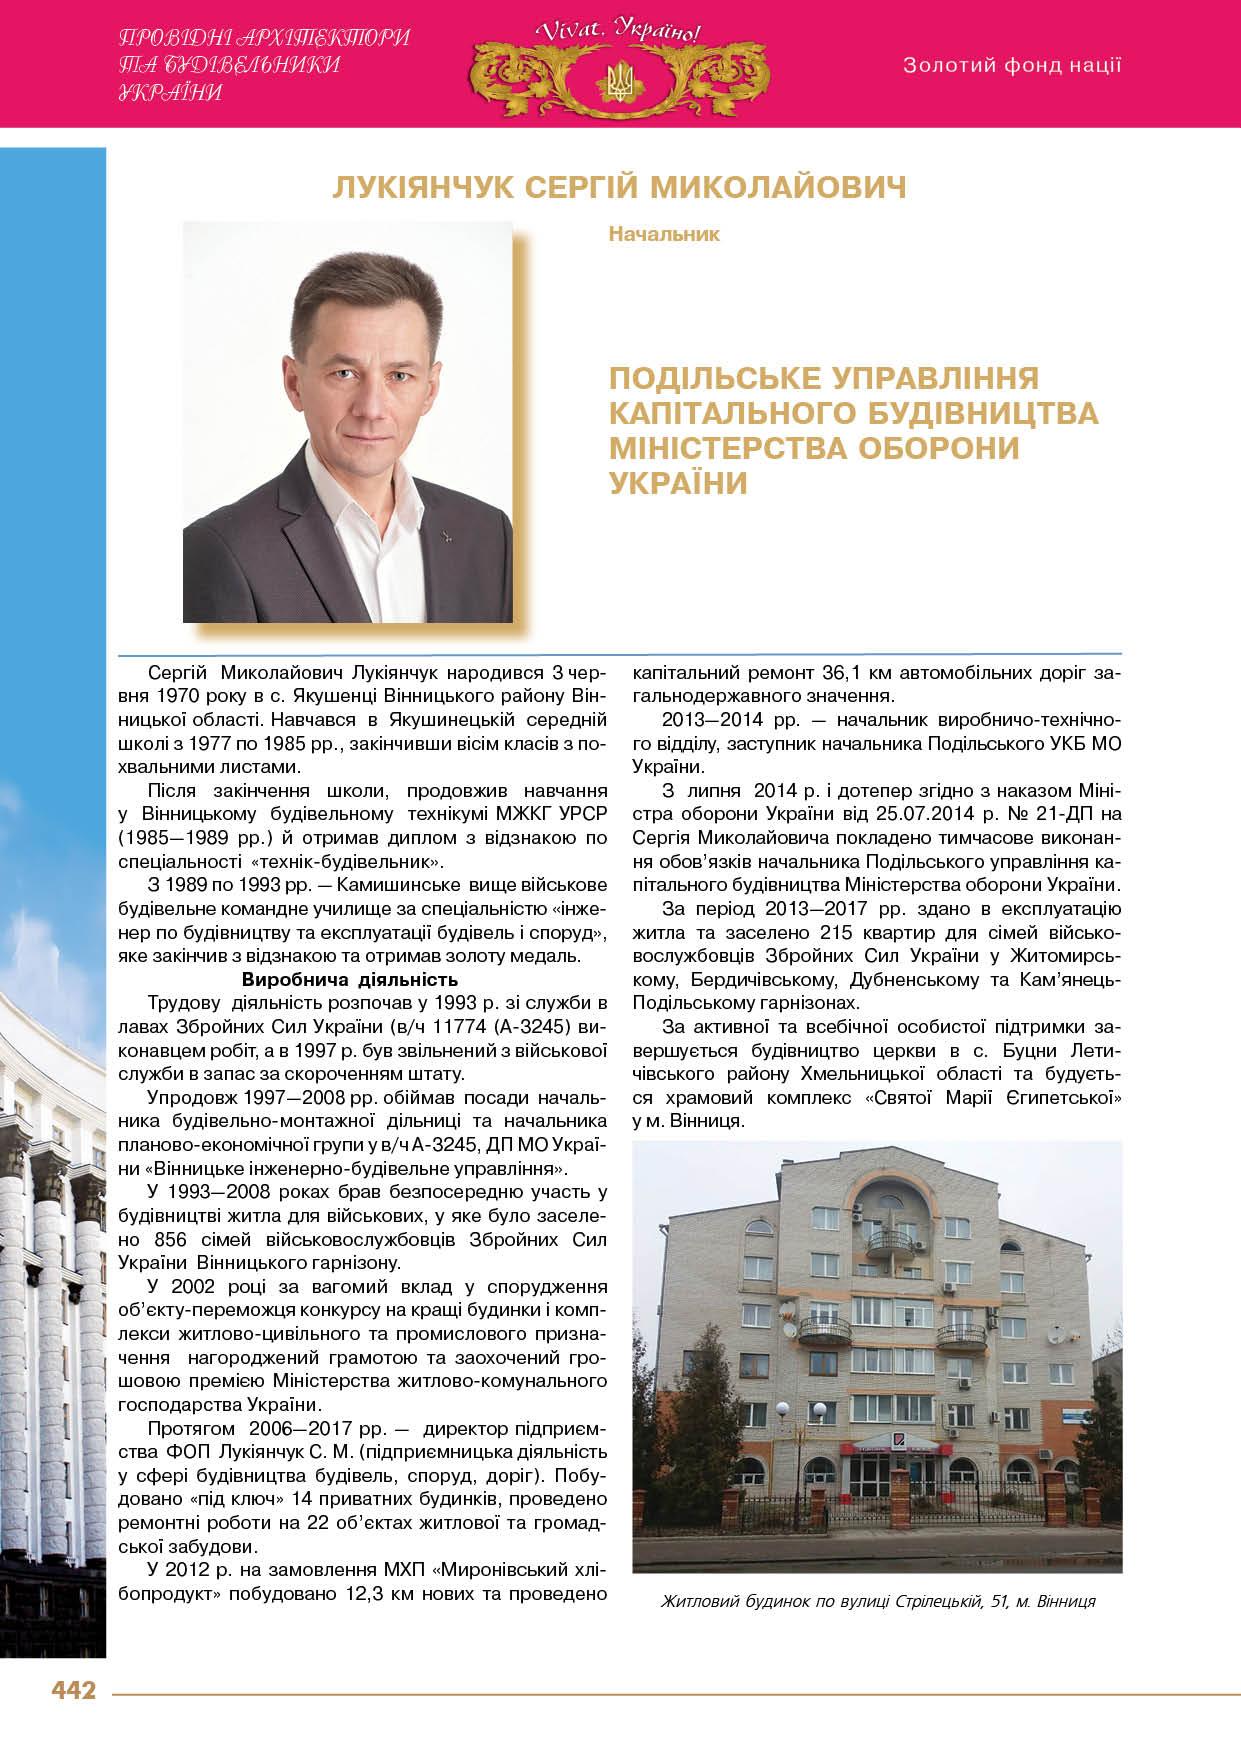 Лукіянчук Сергій Миколайович